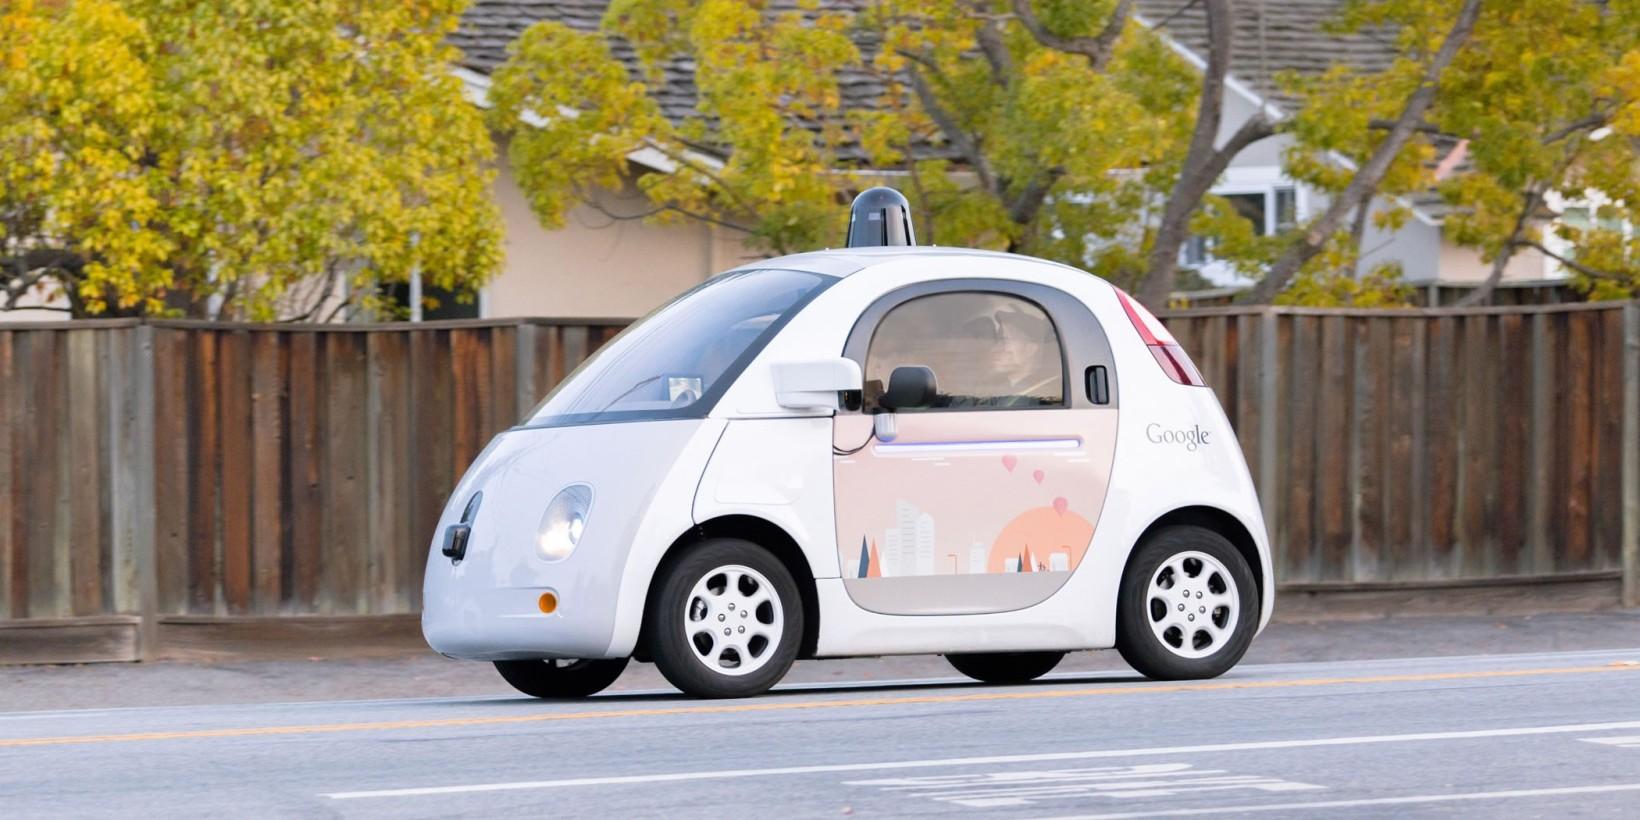 Google's autonomous car just passed 2 million miles